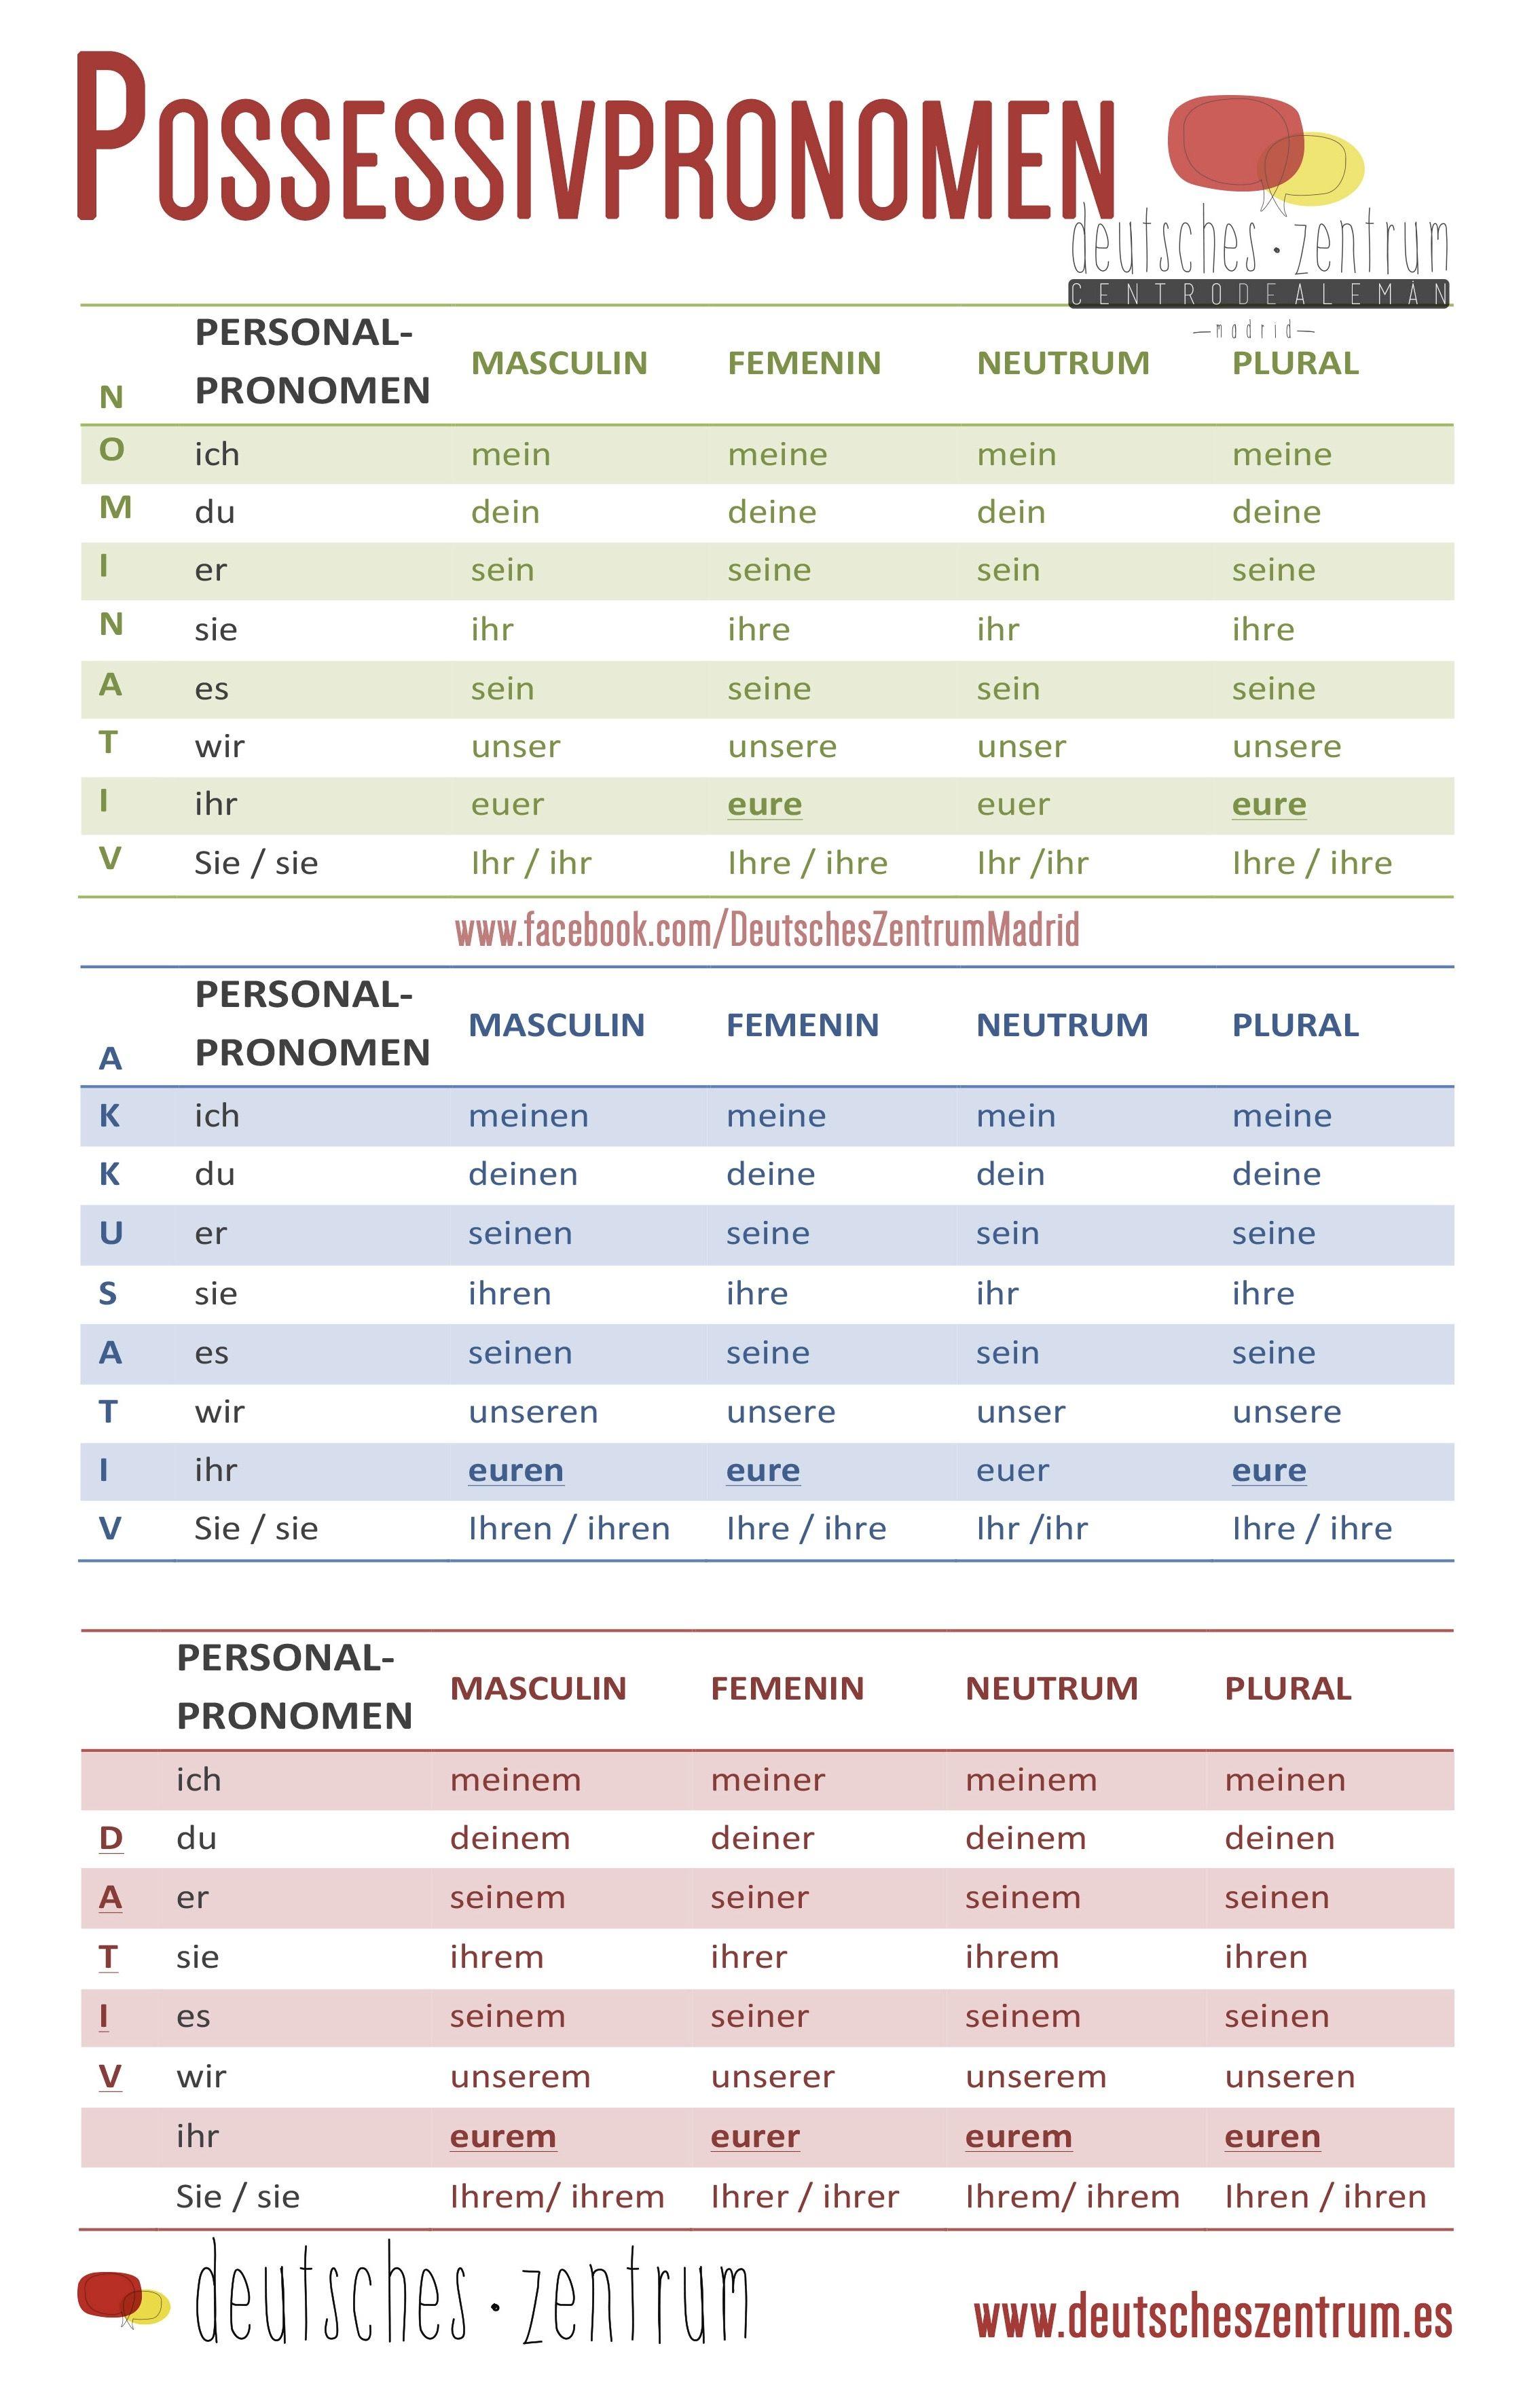 7 ways to a german language suzuki lt50 pull start diagram possessivpronomen deutsch wortschatz grammatik alemán